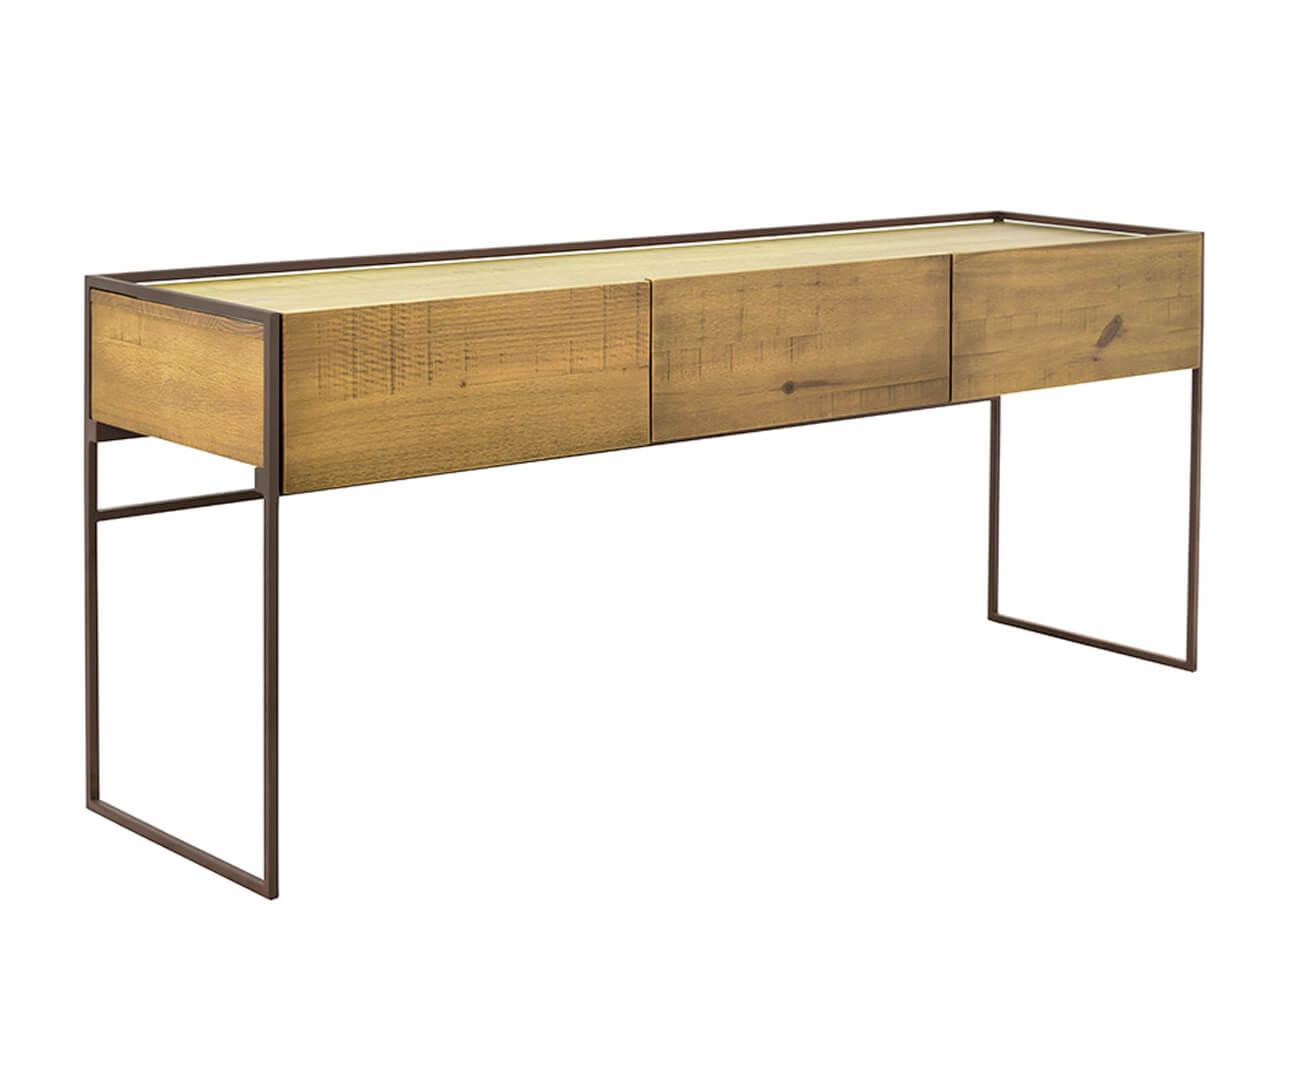 aparador em metal e madeira maciça mescla 1045